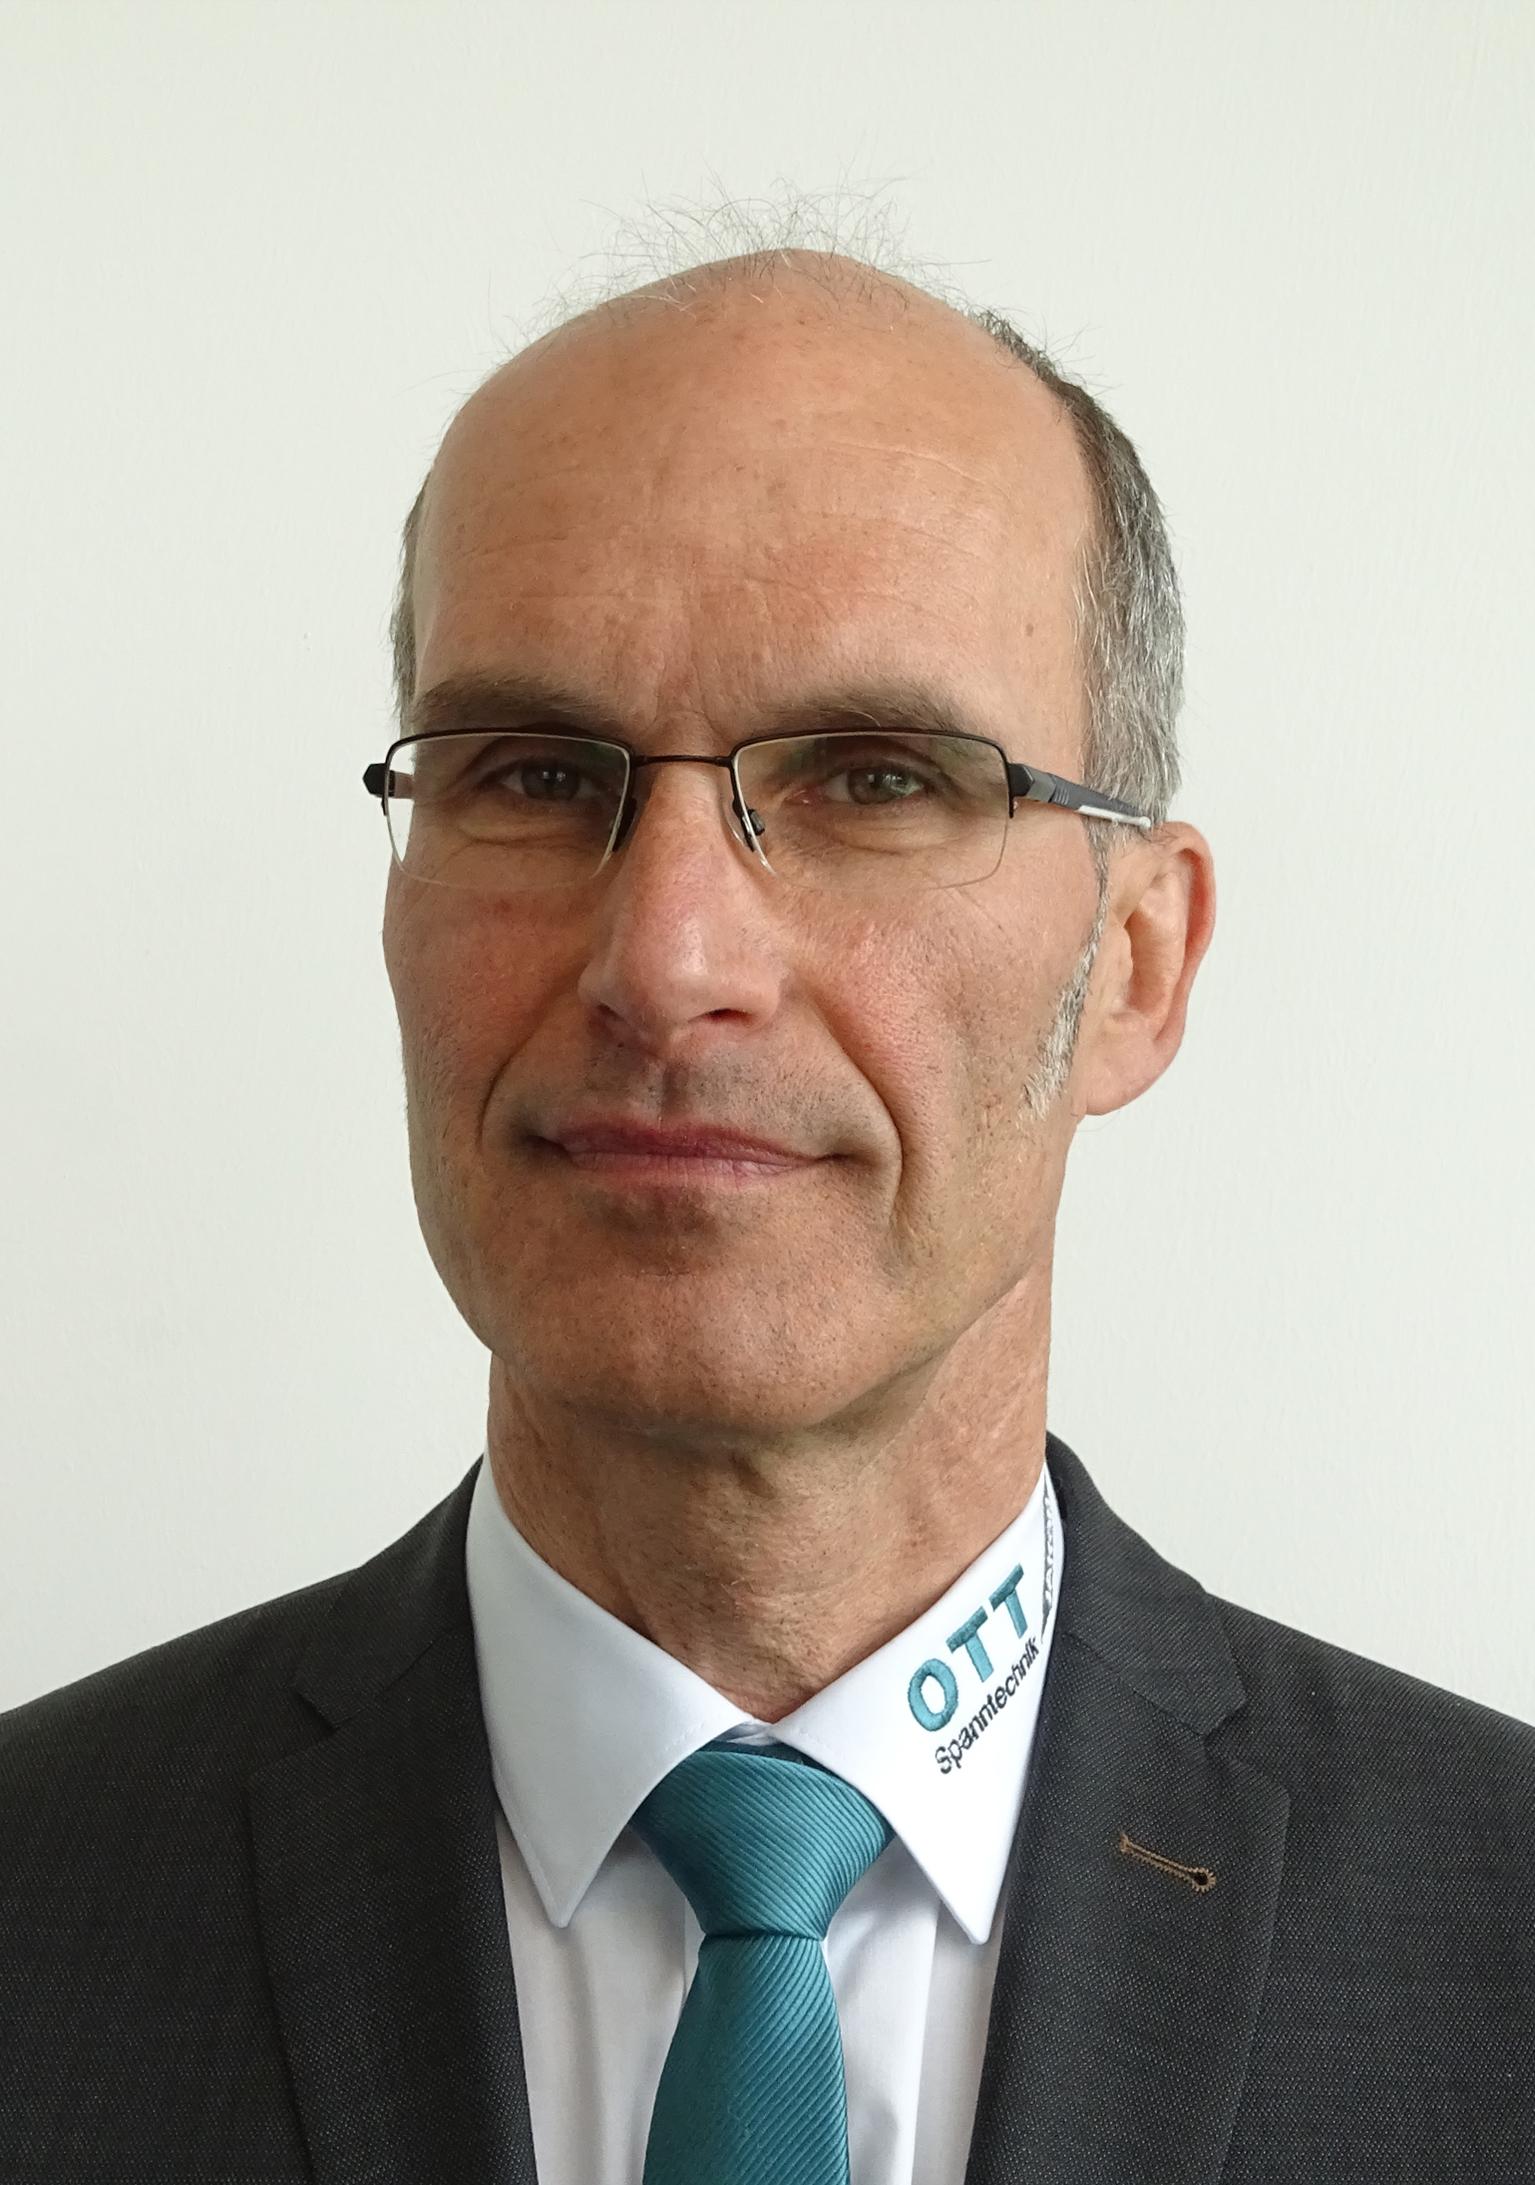 Ott Jakob - Unternehmen - Bild - Vertrieb unter neuer Leitung